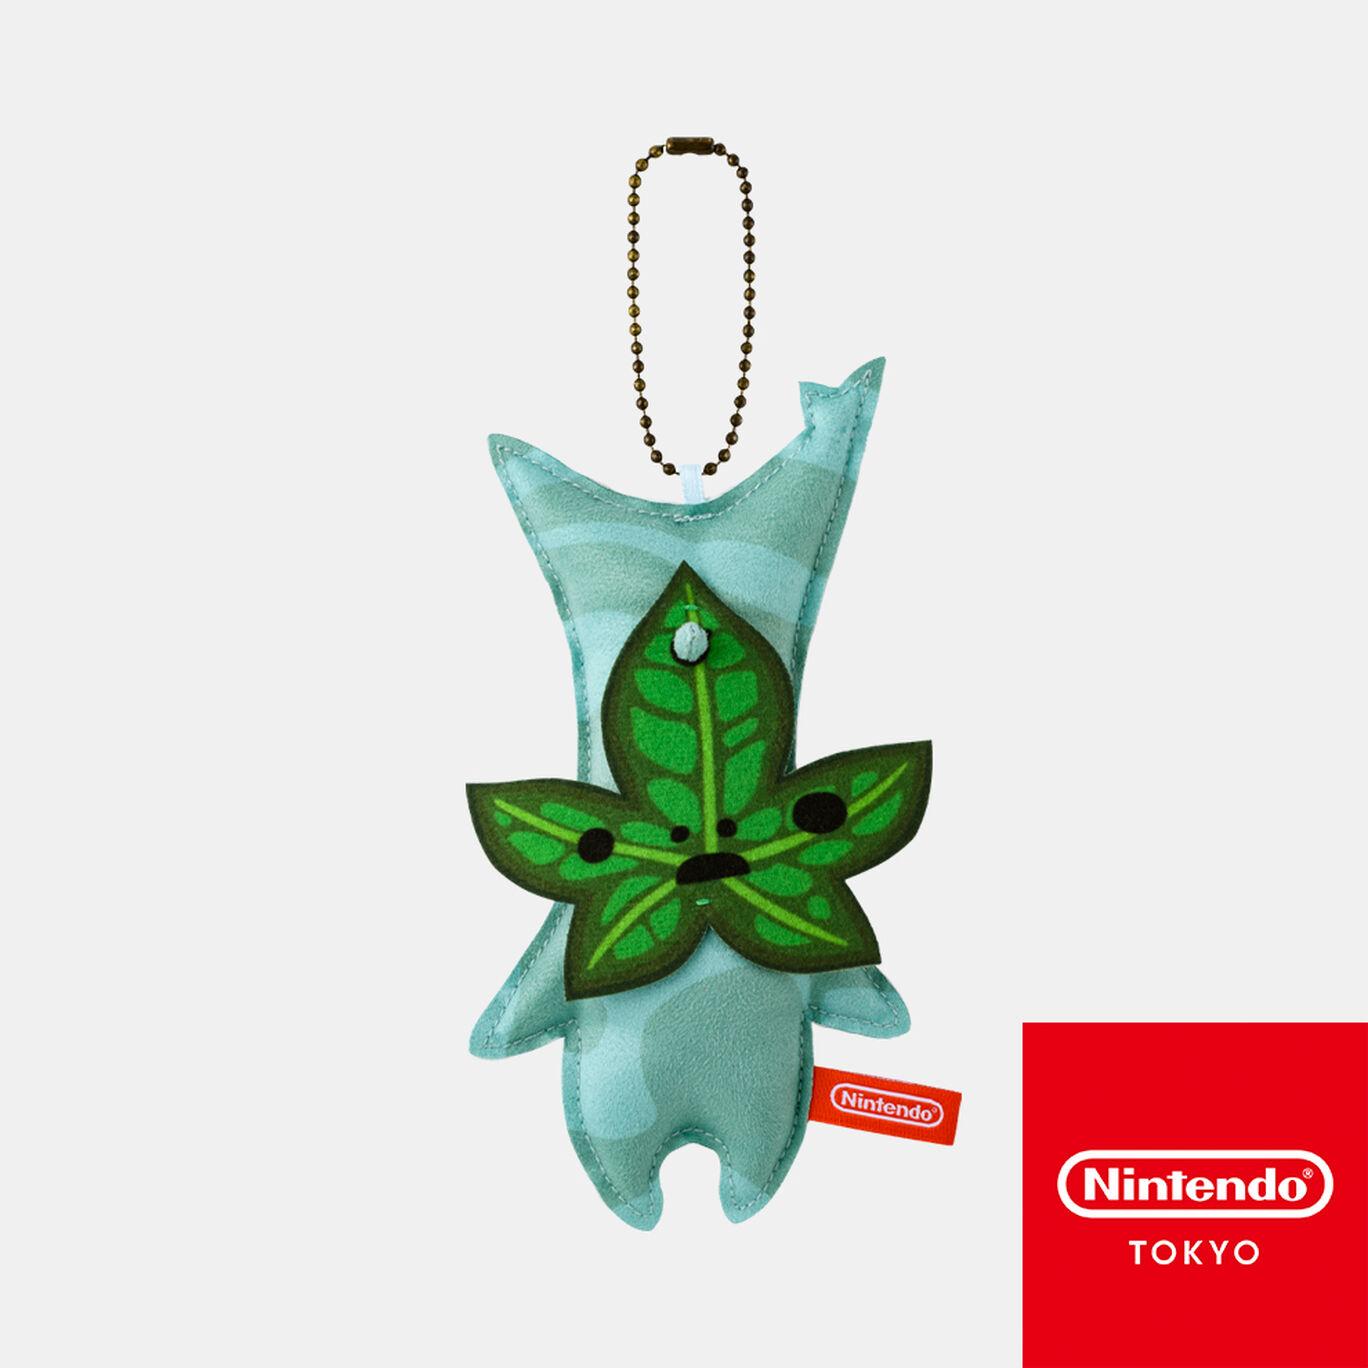 【新商品】コログのマスコット トッチー ゼルダの伝説【Nintendo TOKYO取り扱い商品】